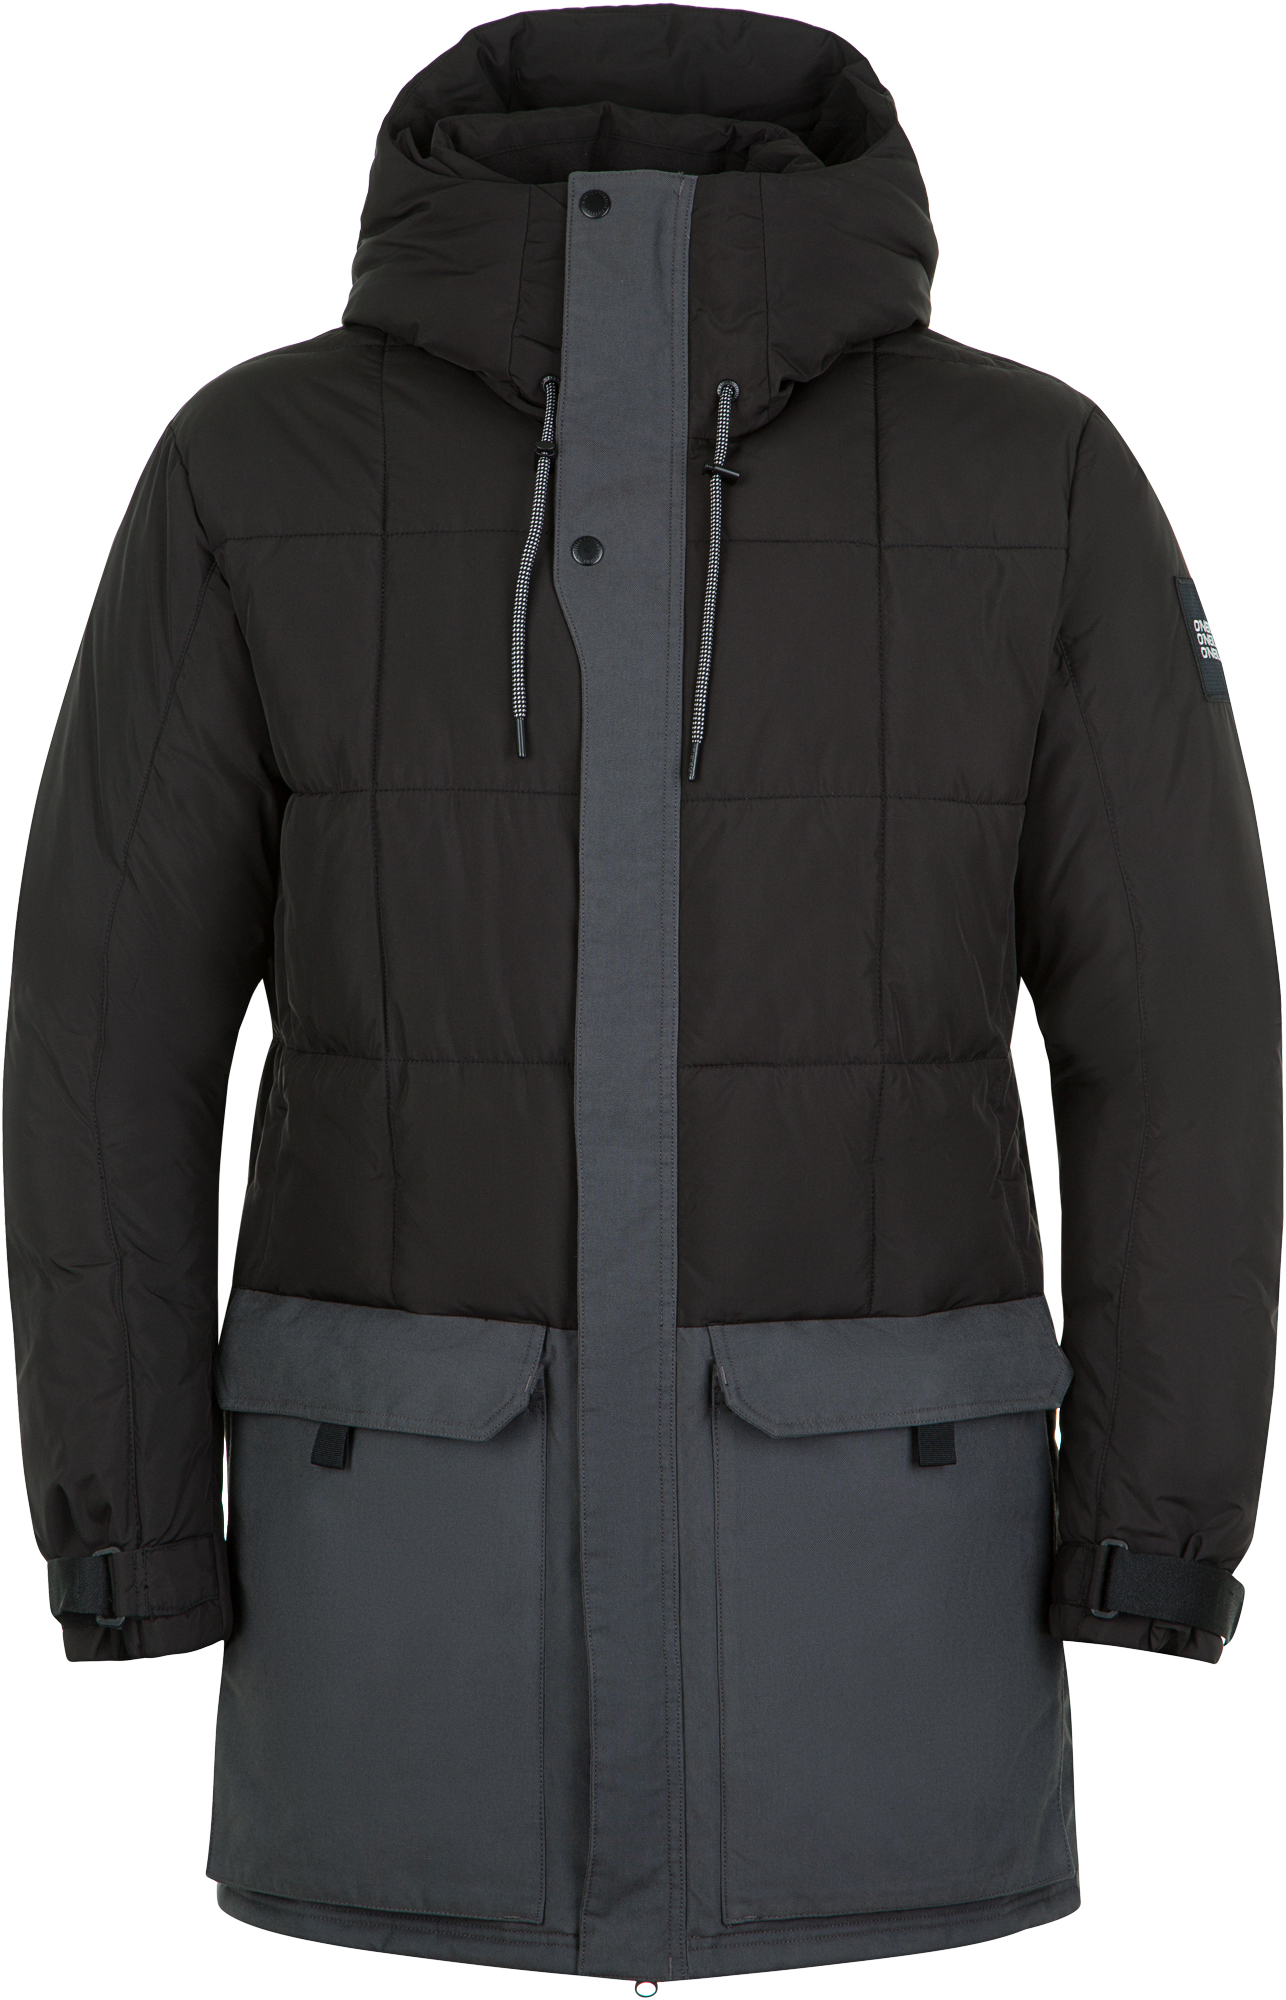 O'Neill Куртка утепленная мужская O'Neill Pm Xplr Parka, размер 46-48 o neill куртка утепленная женская o neill pw hybrid cluster iii размер 48 50